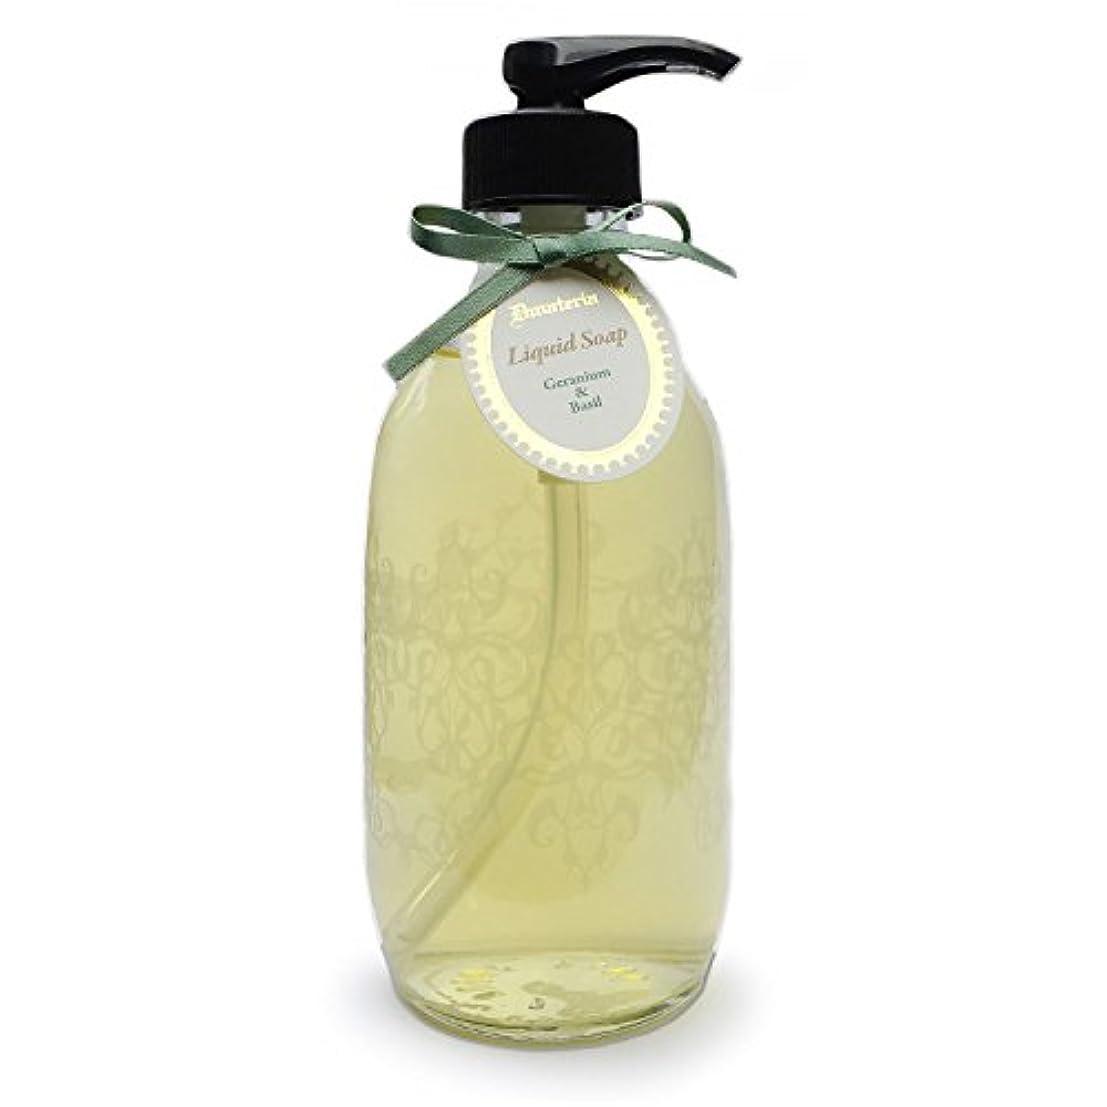 国歌ウィザード高さD materia リキッドソープ ゼラニウム&バジル Geranium&Basil Liquid Soap ディーマテリア